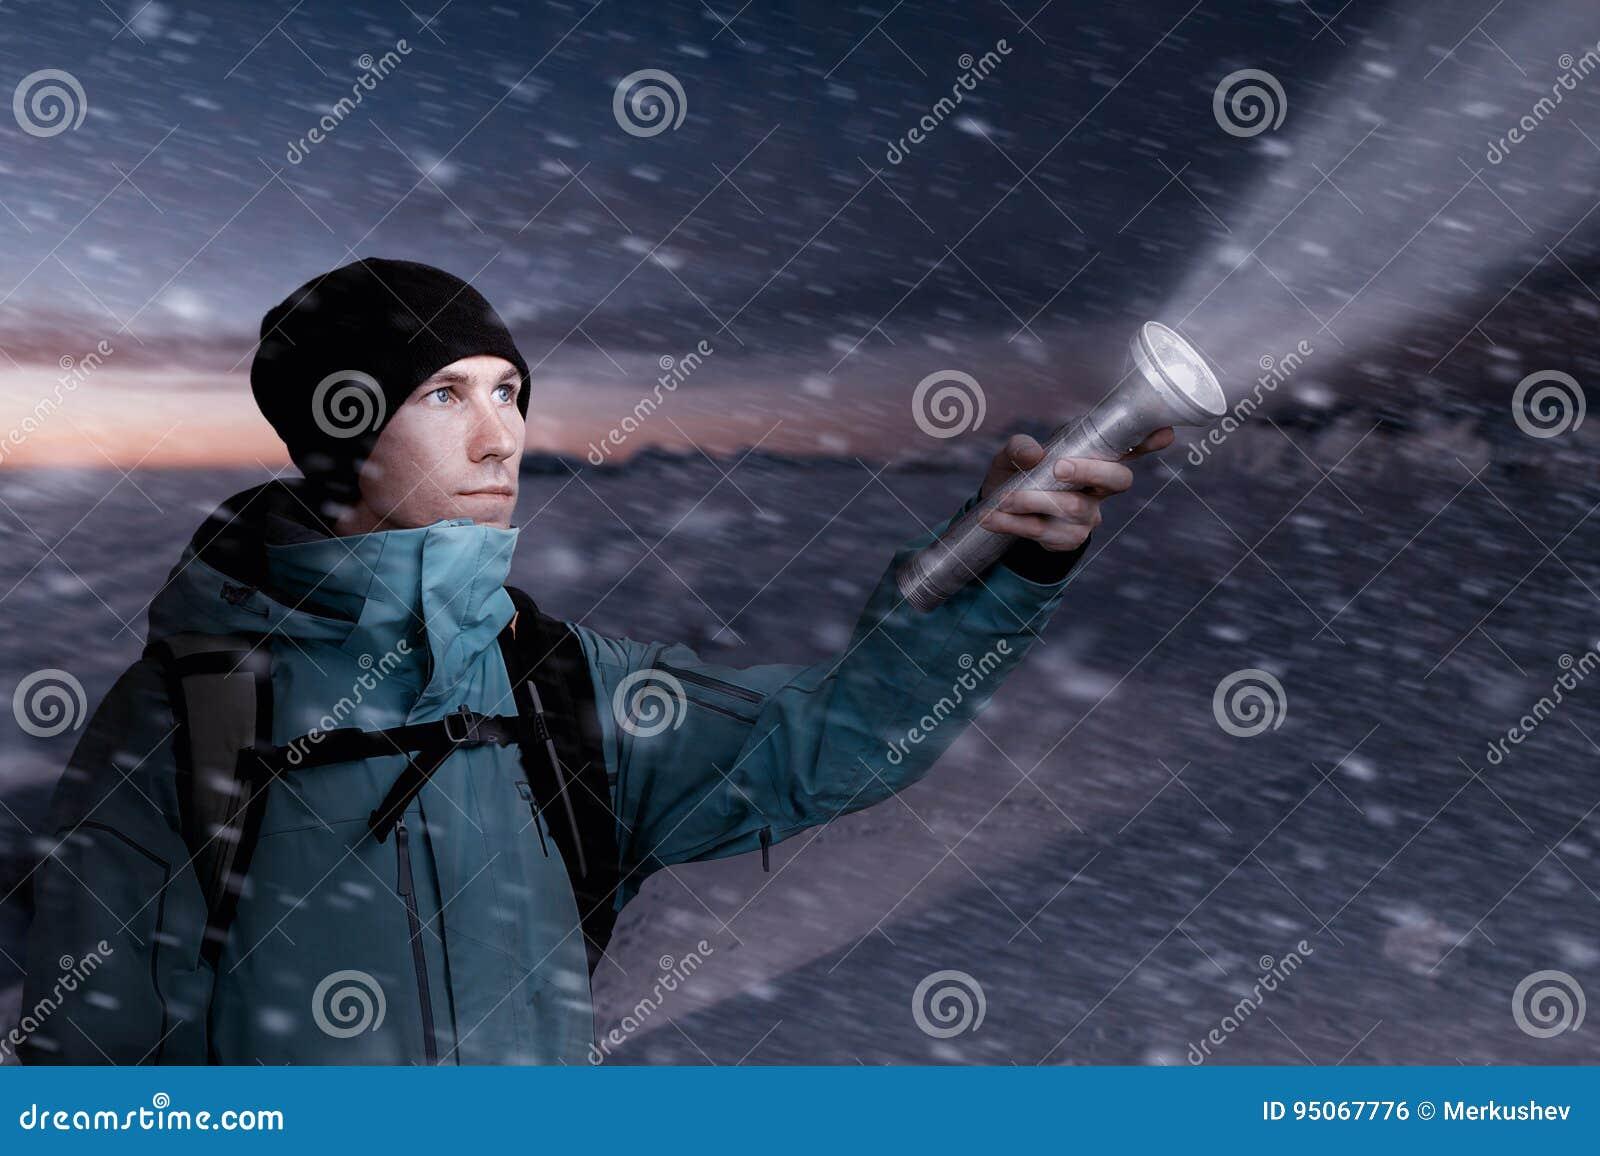 Touriste de montagne avec une lanterne à disposition allumant la manière dans l obscurité de la nuit